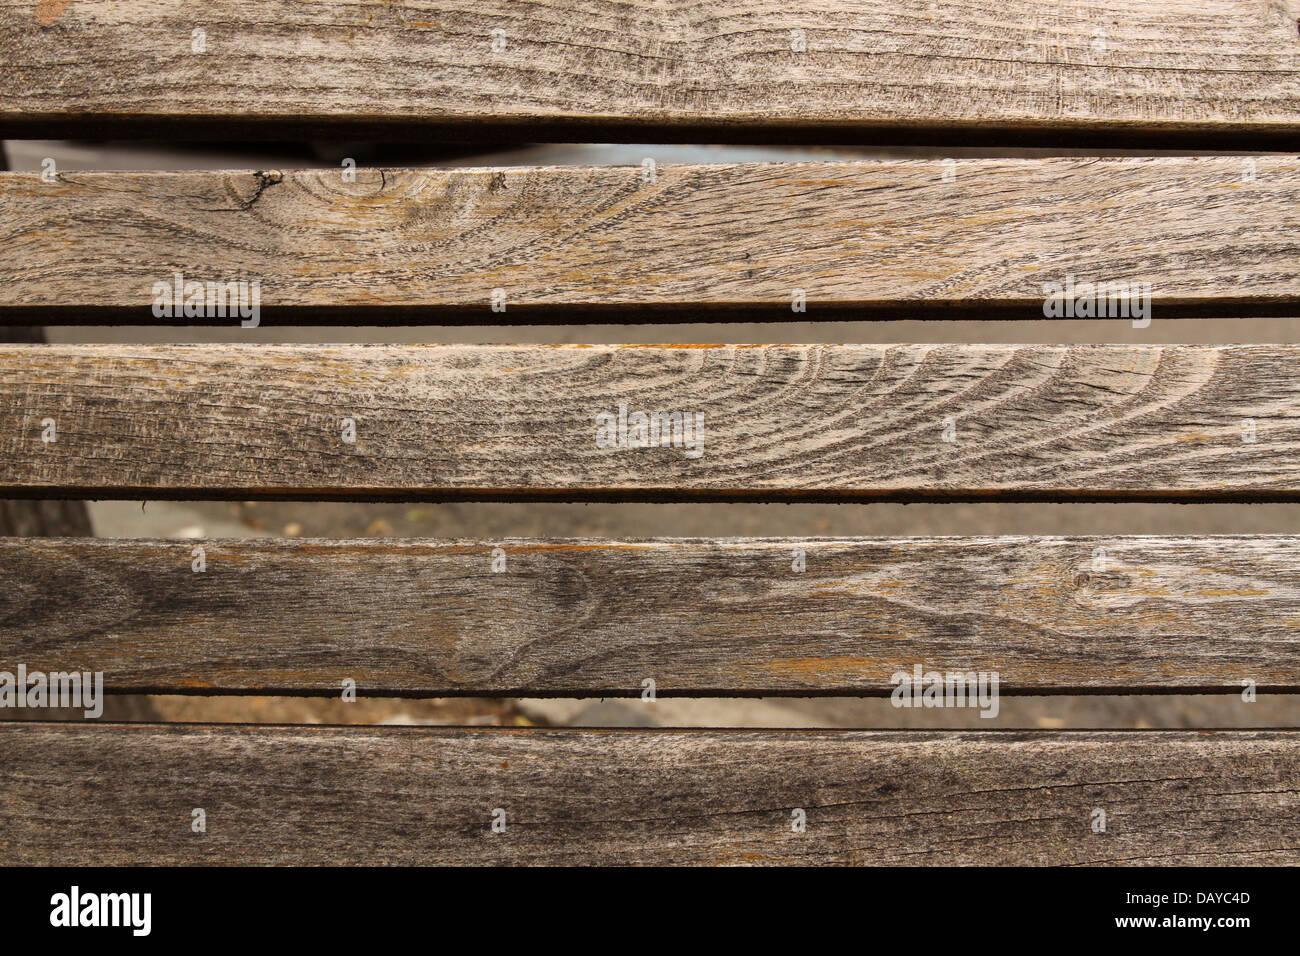 Fondos de tableros de madera Imagen De Stock